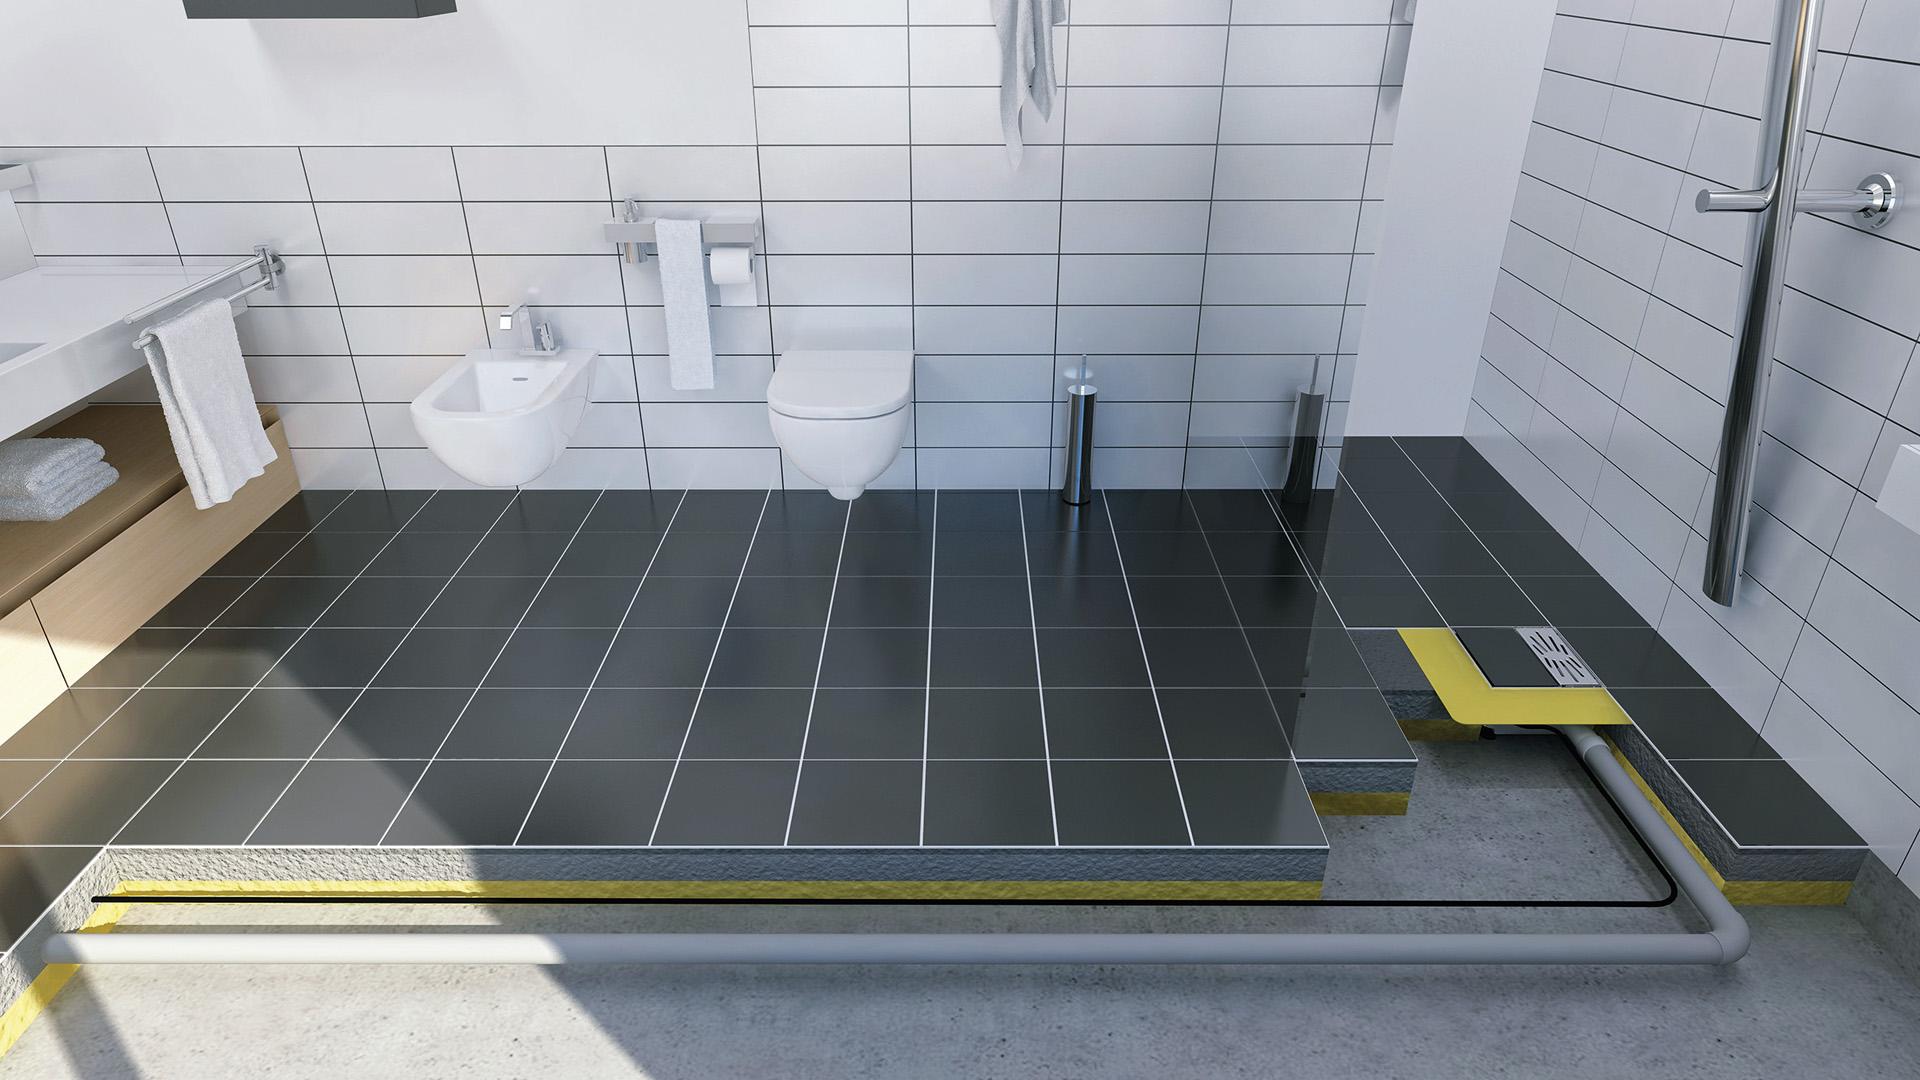 Full Size of Jung Pumpen Gmbh Plancofibodenablaufpumpe Fr Bodengleiche Dusche Wand Sprinz Duschen Bodenebene Badewanne Mit Tür Und Einbauen Unterputz Armatur Bluetooth Dusche Bodenebene Dusche